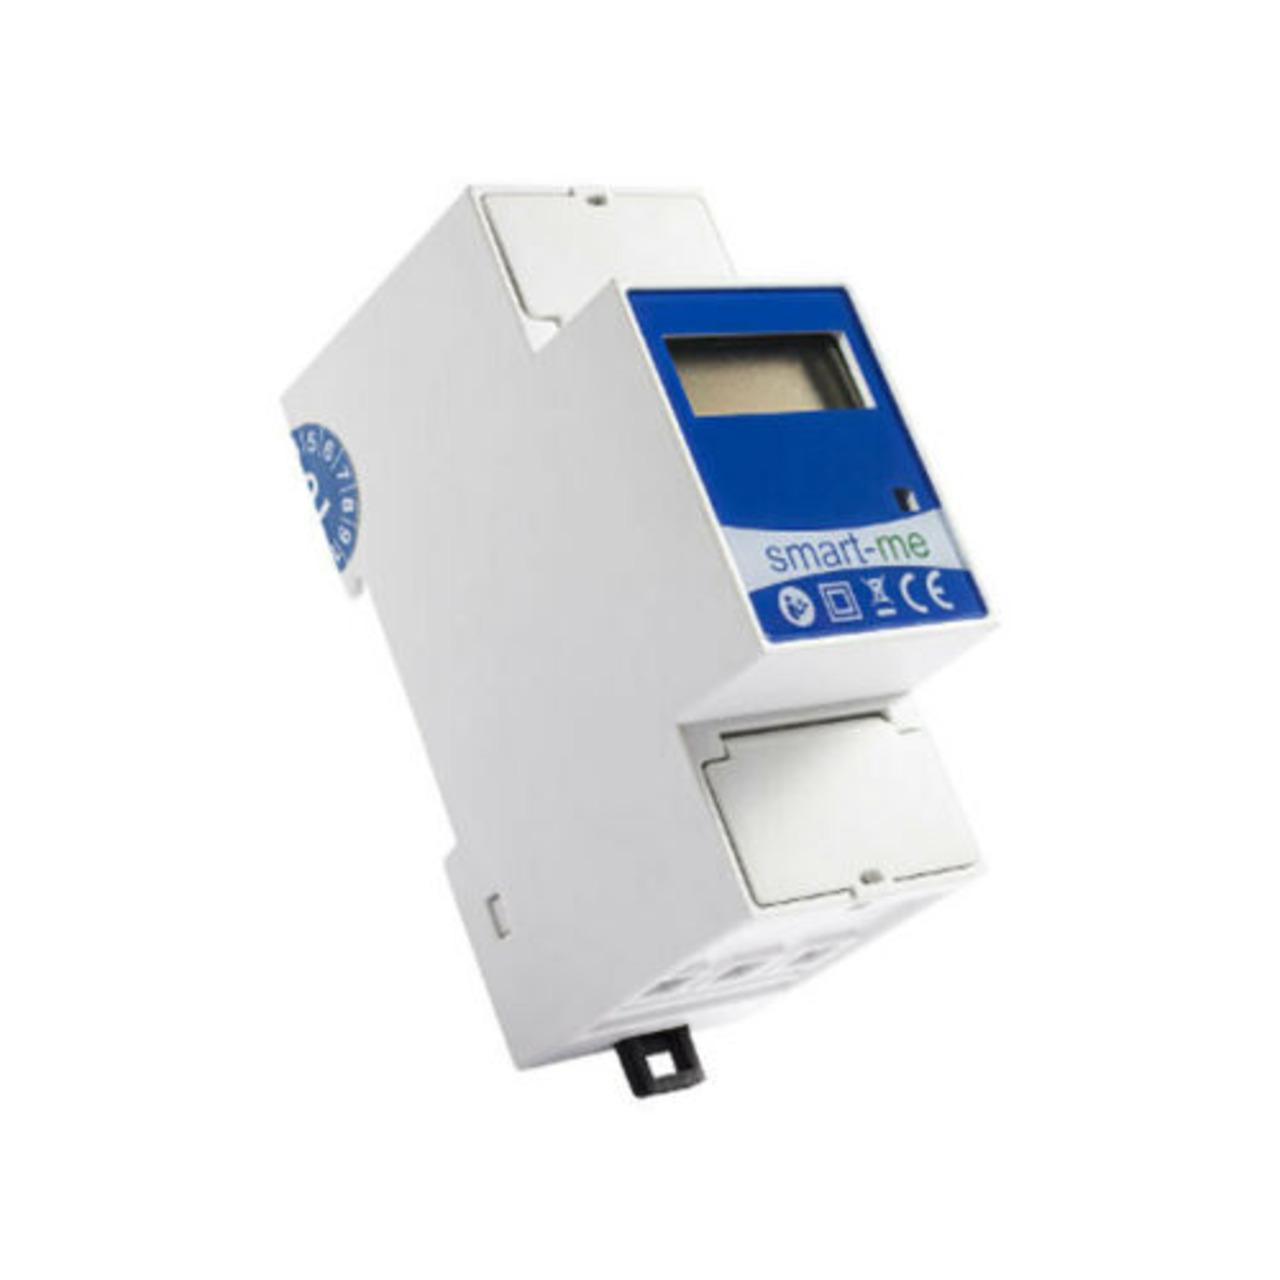 smart-me 1-Phasen-Stromzähler mit Wifi-Schnittstelle, 80 A 124062